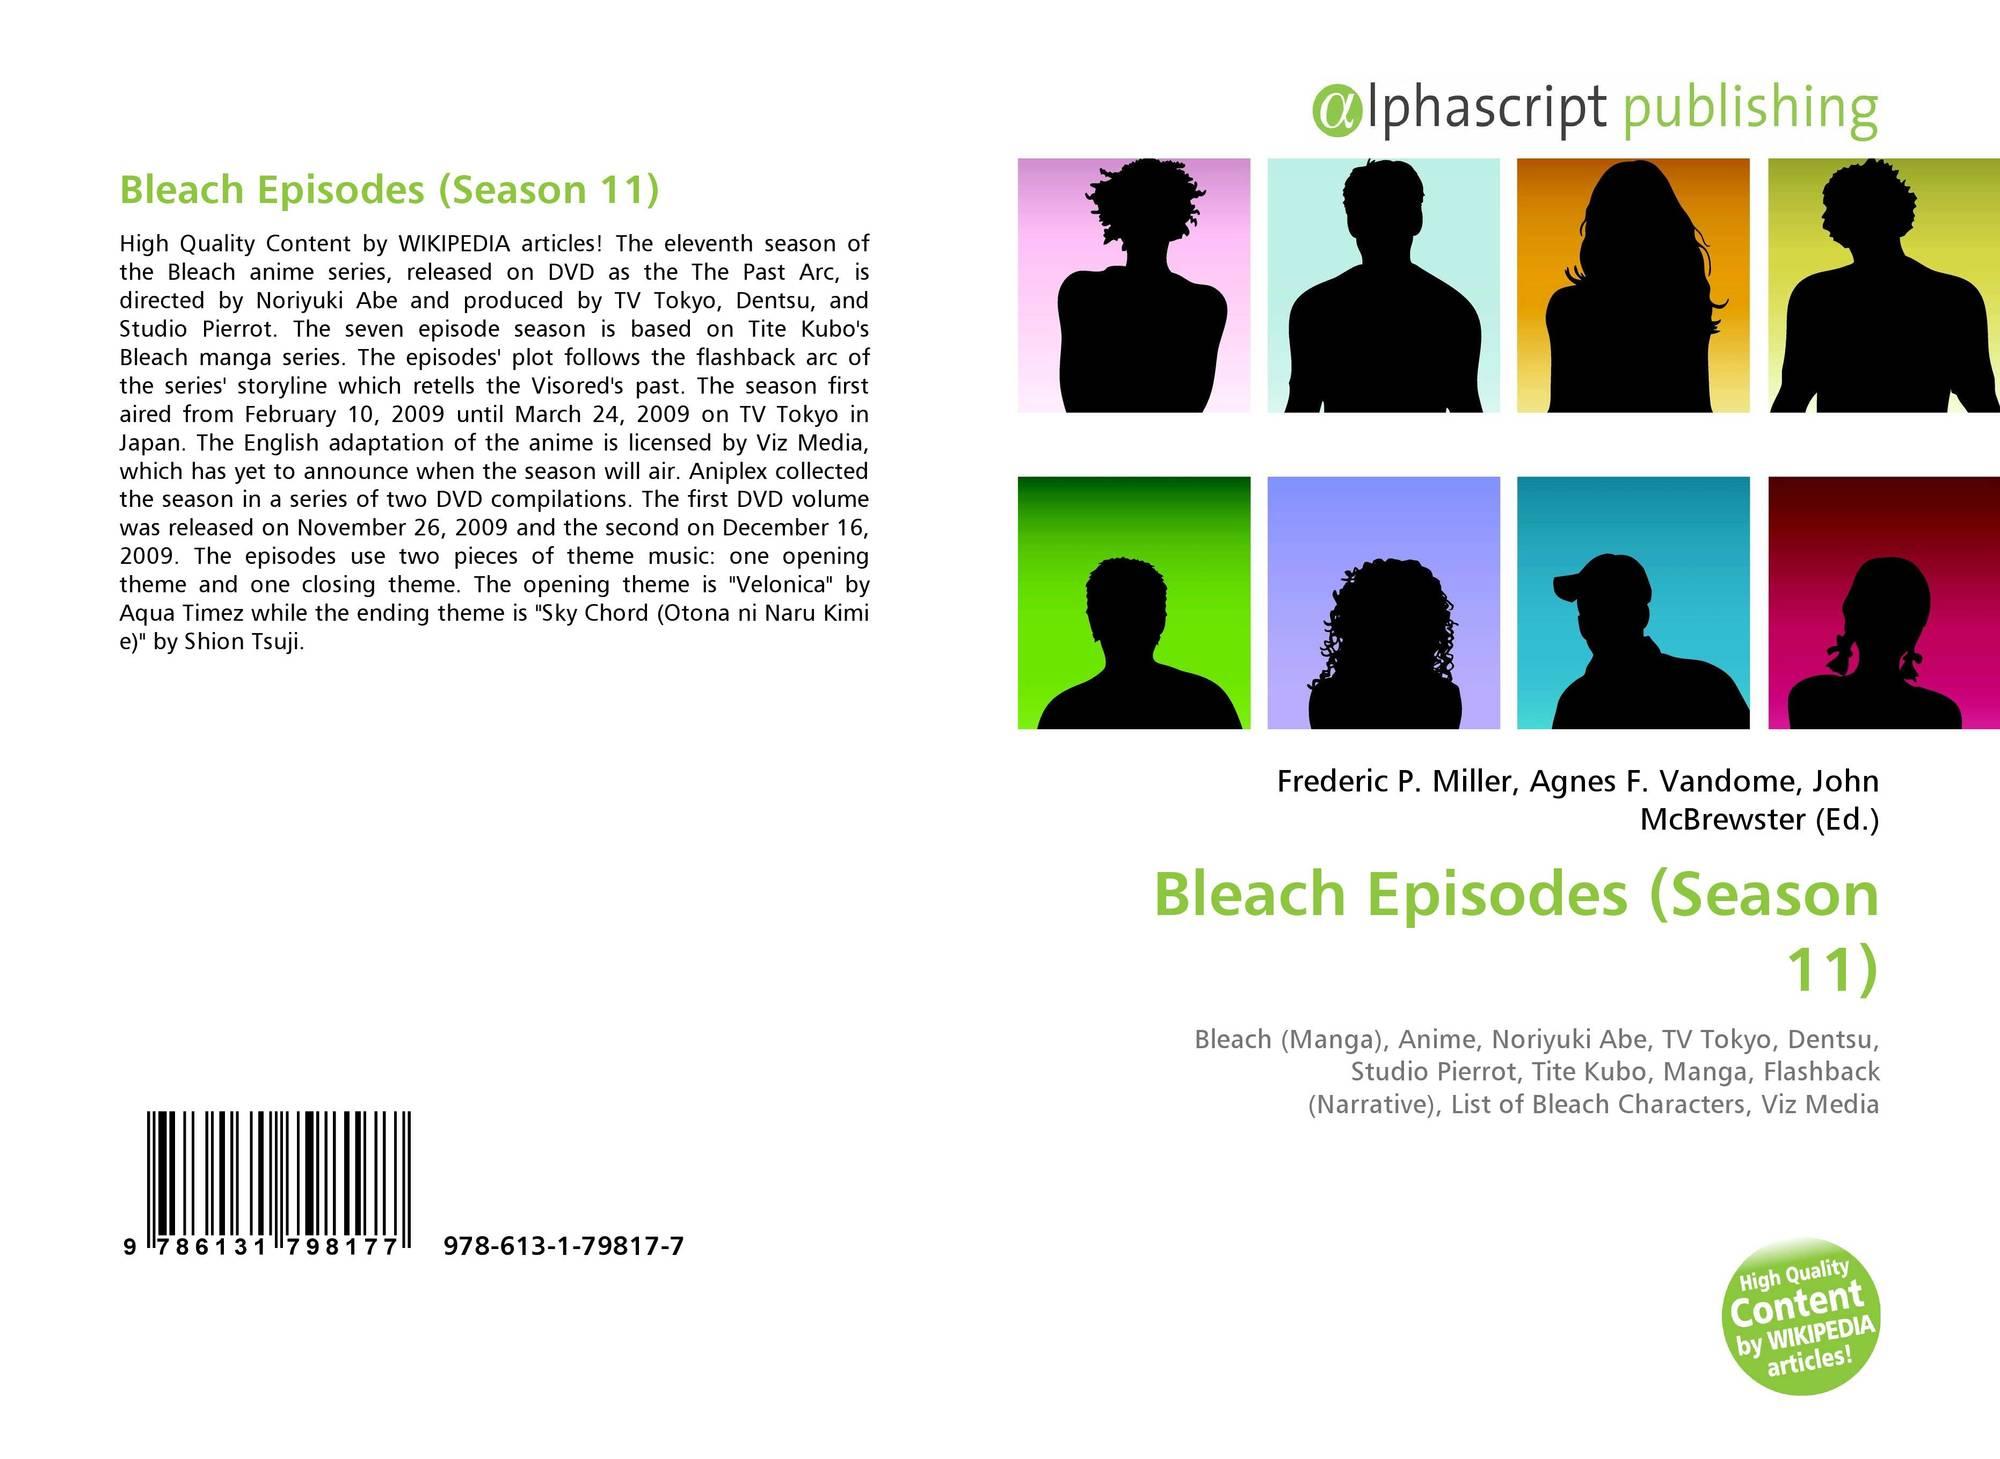 Bleach Episodes (Season 11), 978-613-1-79817-7, 6131798176